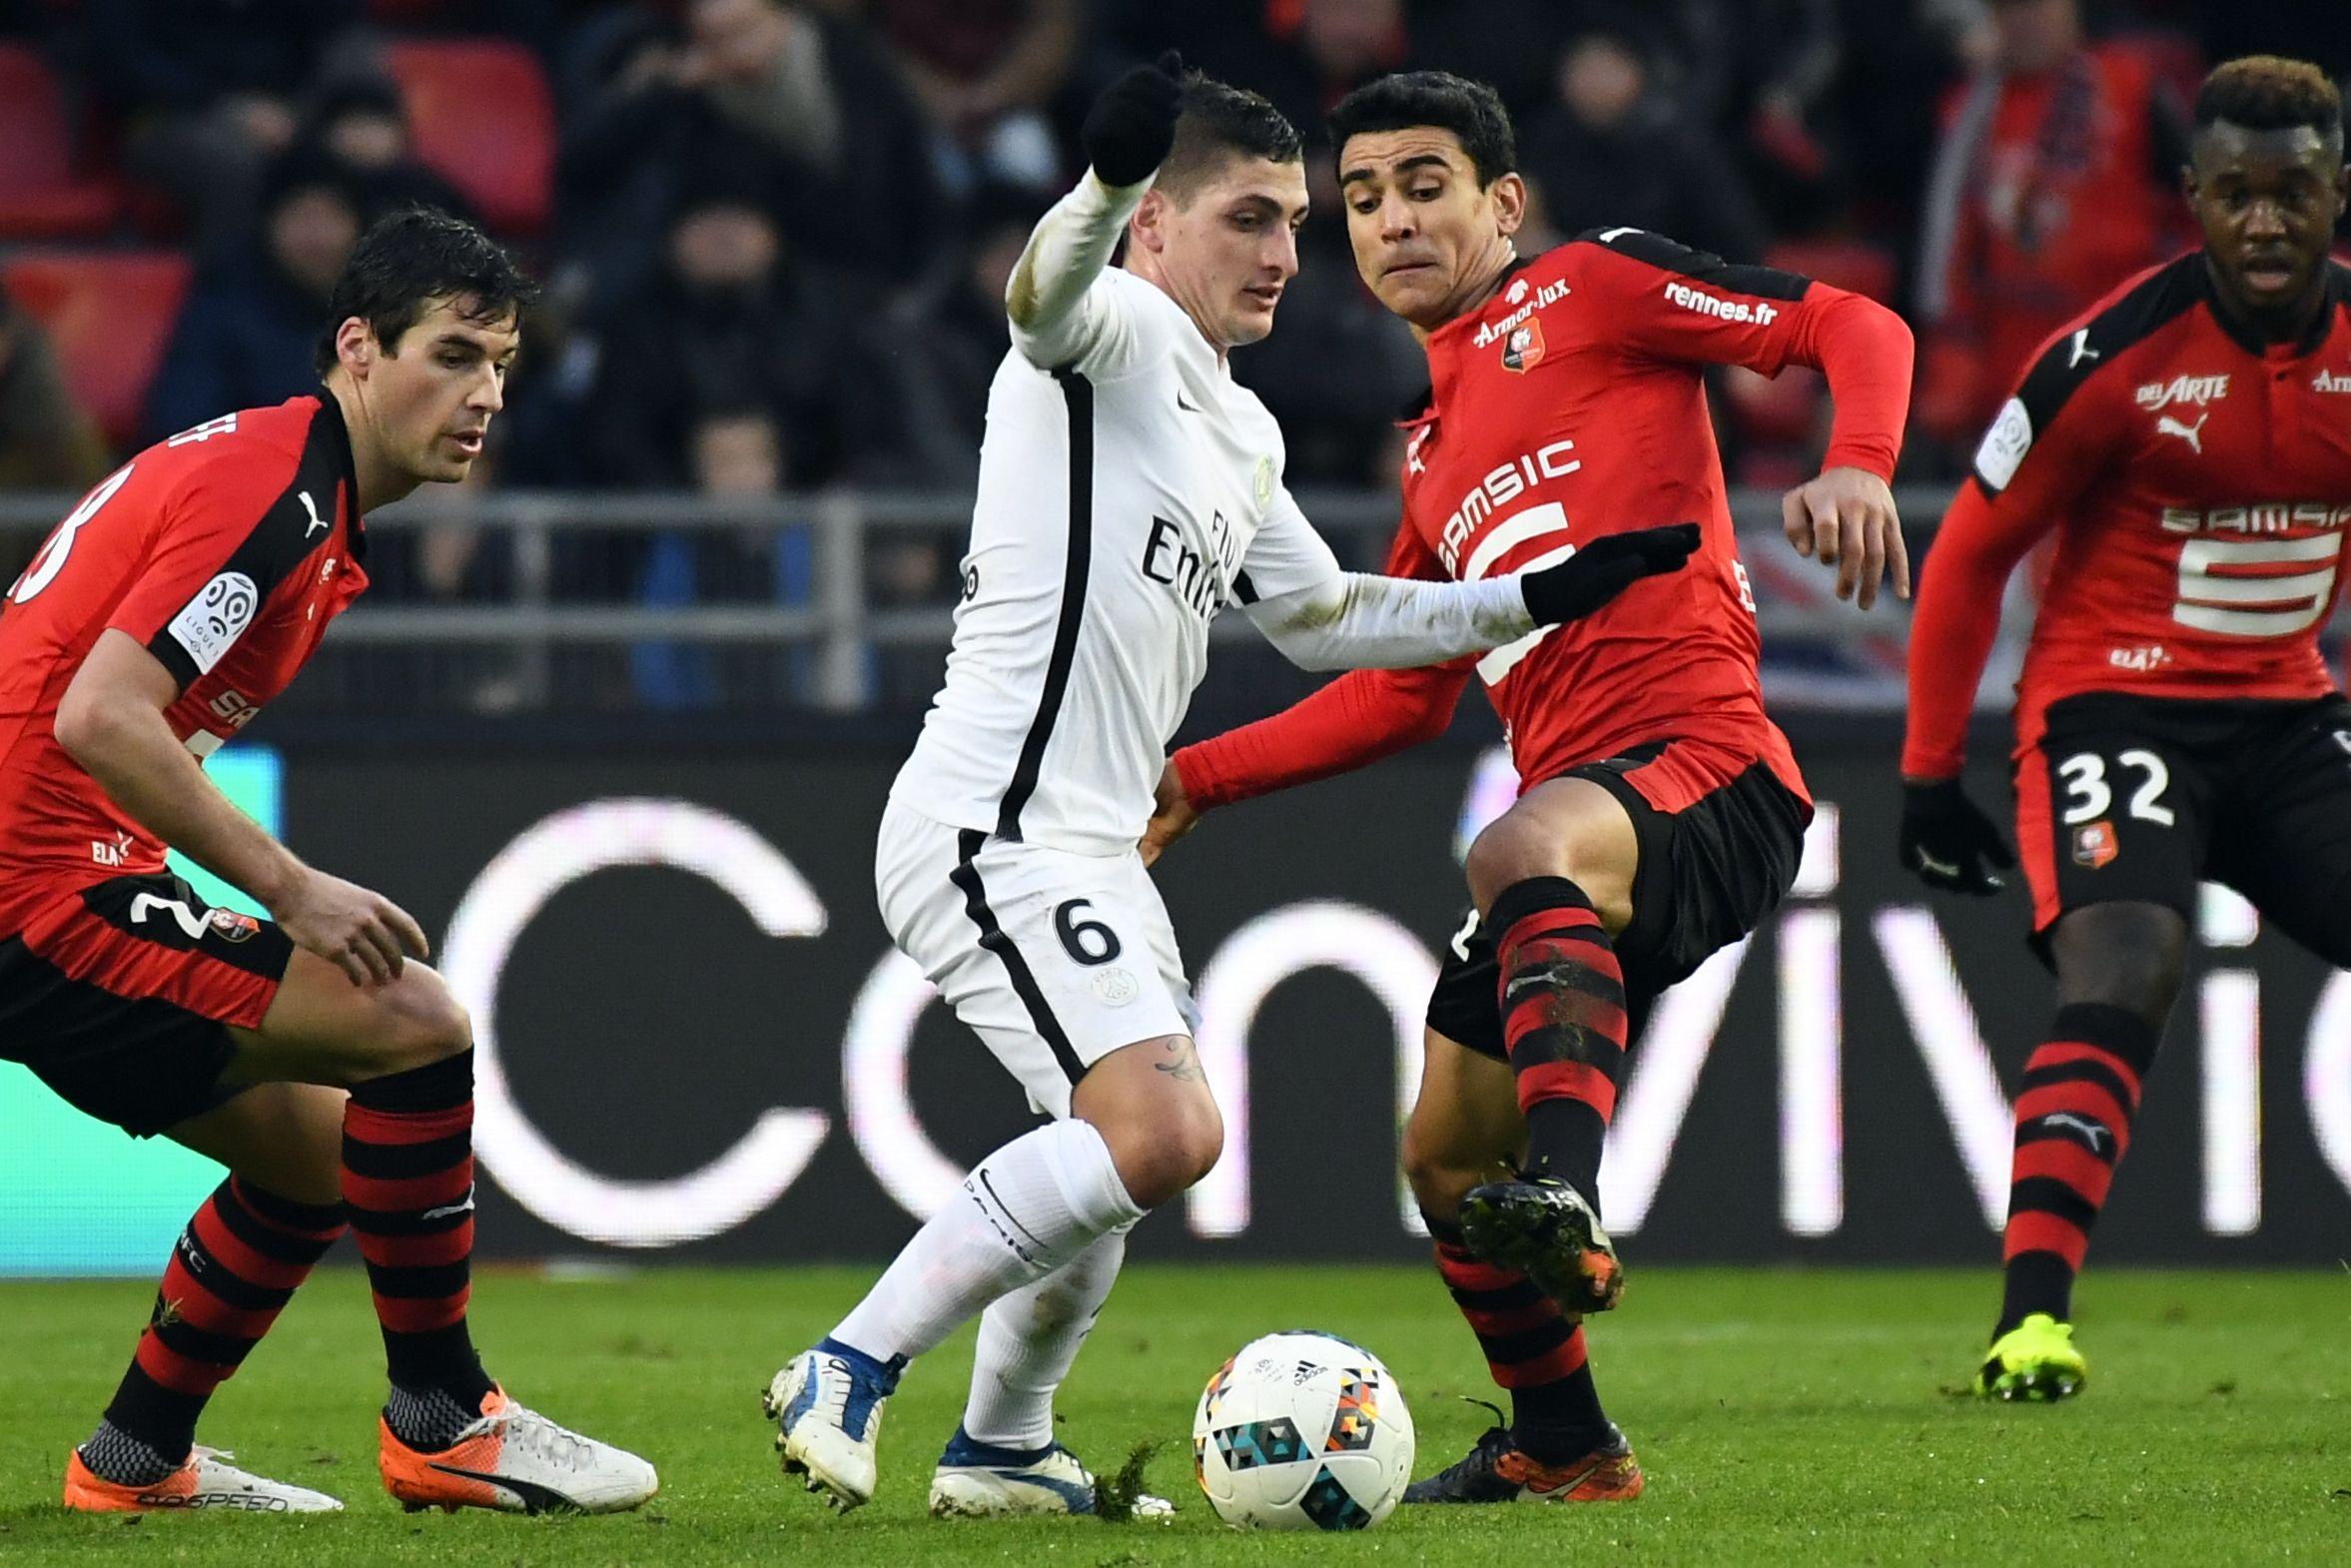 Football - Transferts - PSG : Ancelotti rêve d'attirer Verratti au Bayern